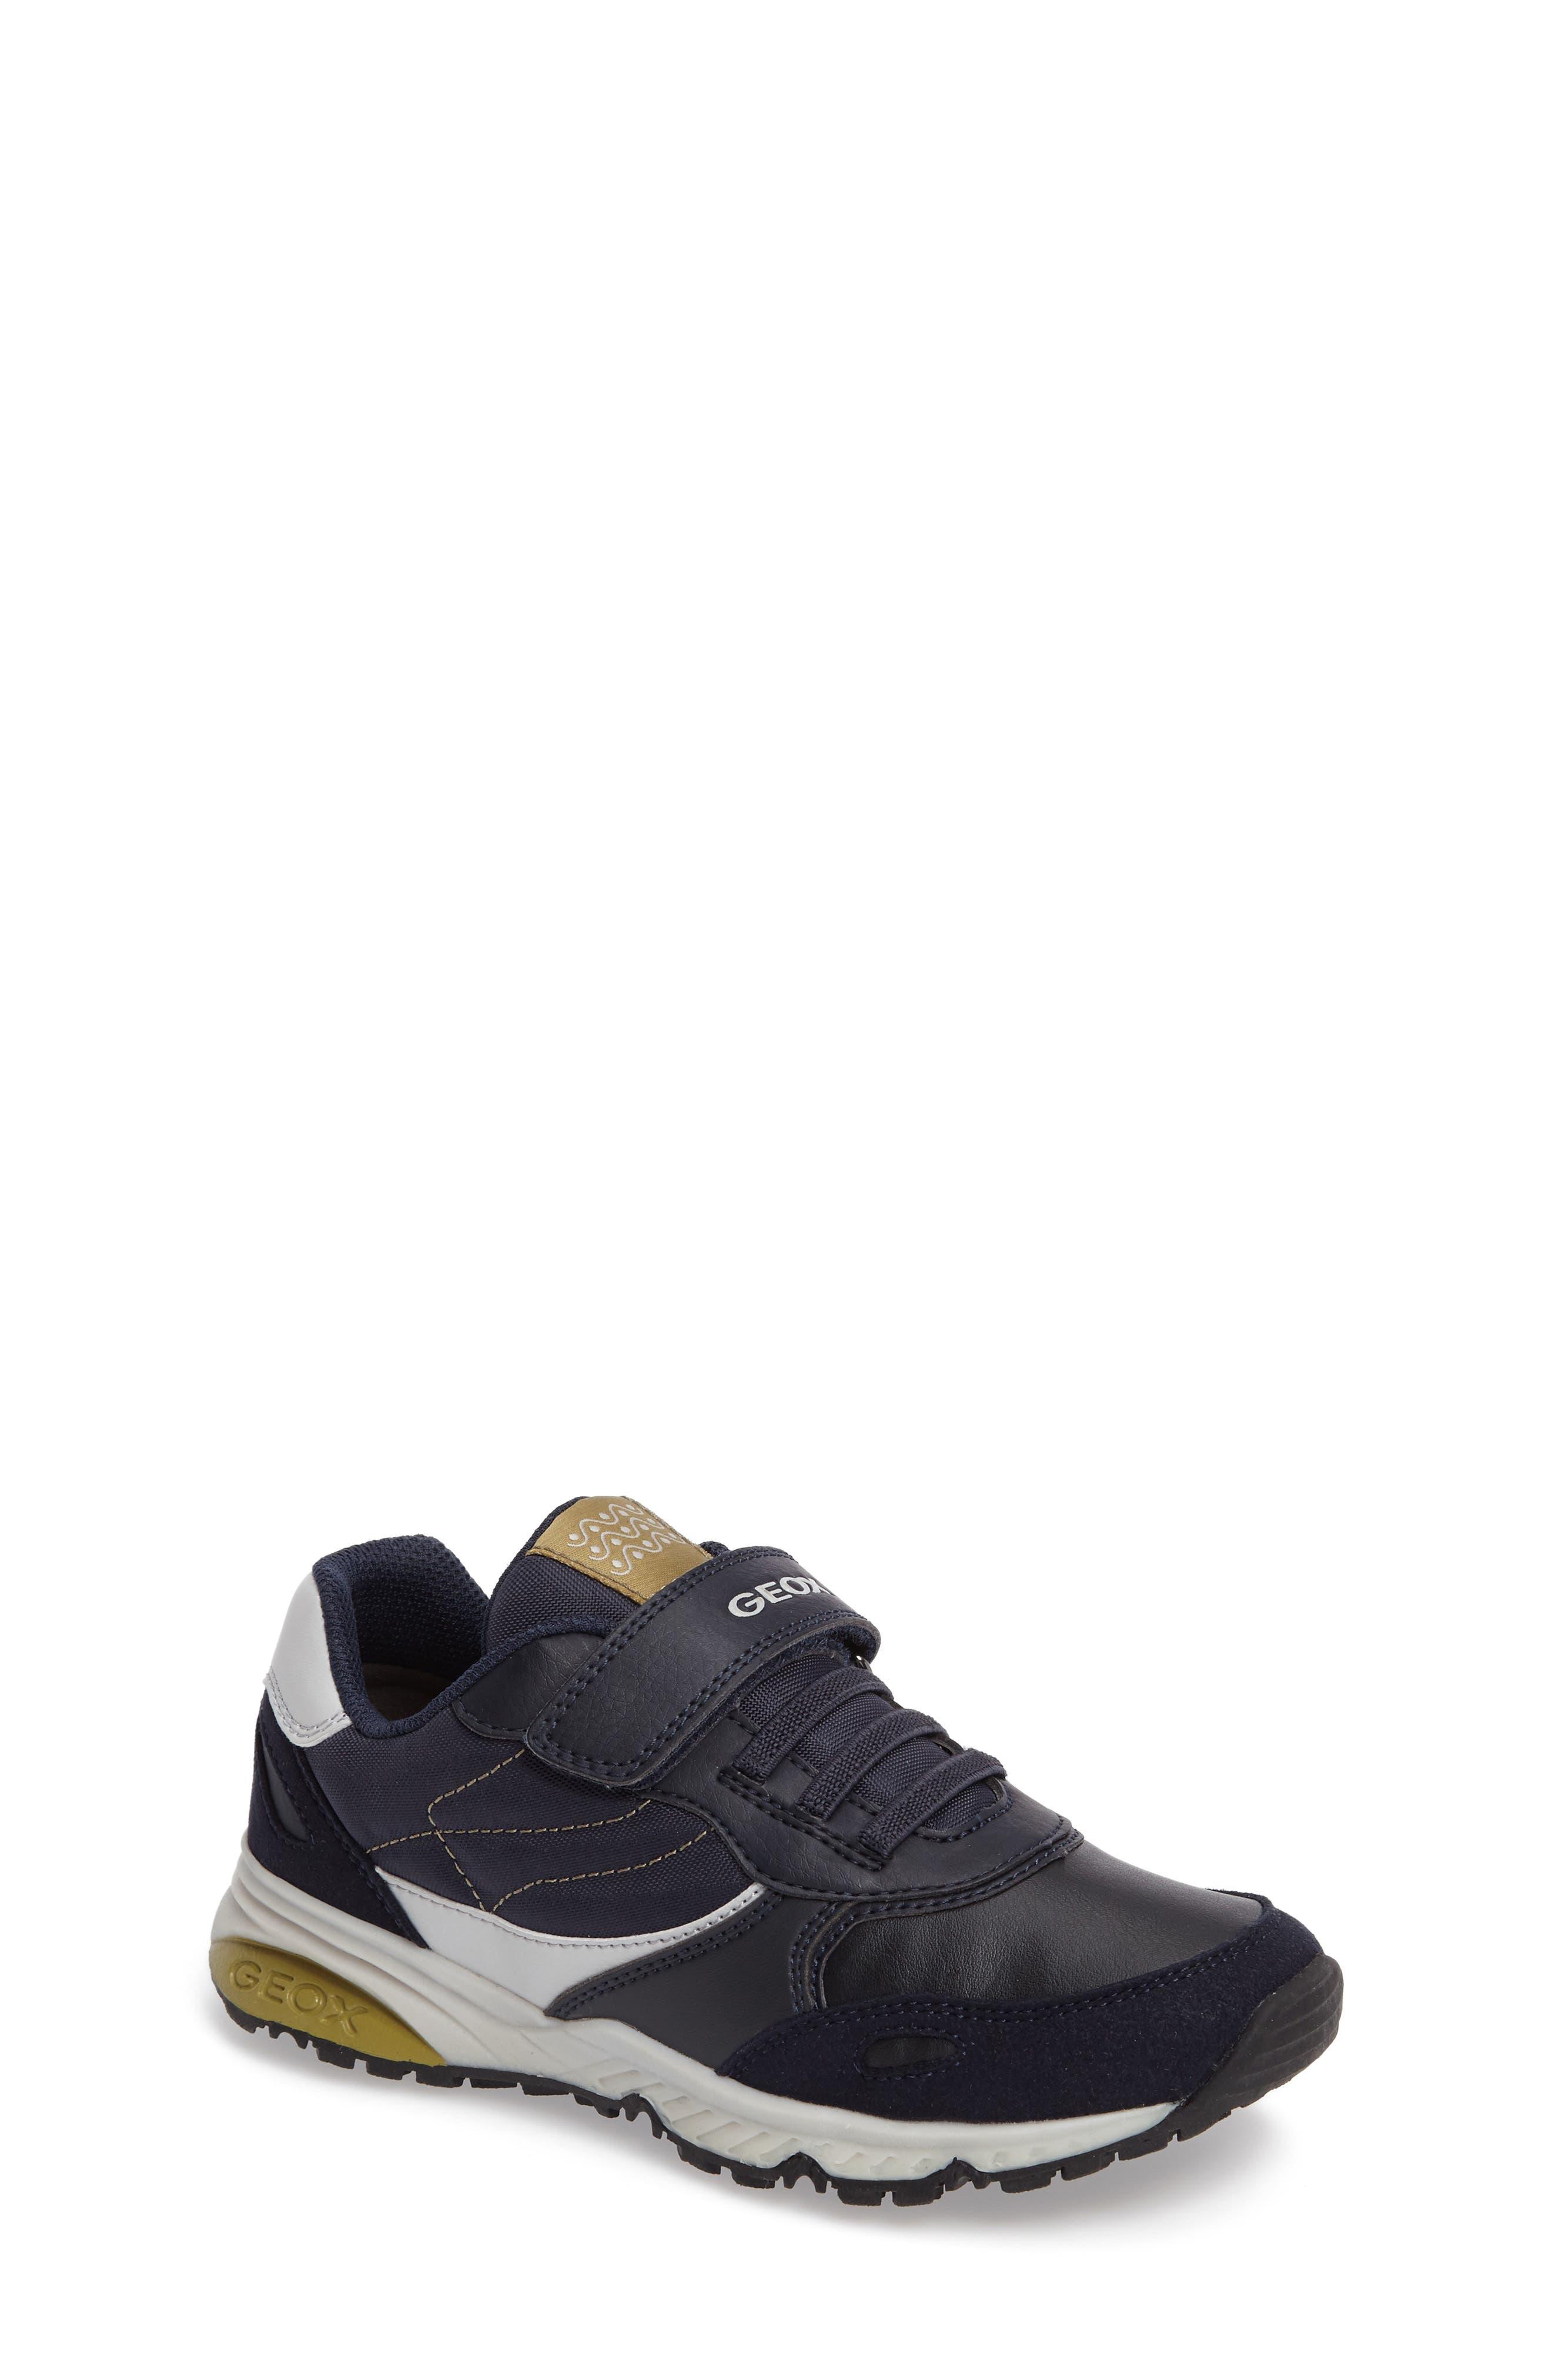 Alternate Image 1 Selected - Geox Jr Bernie Sneaker (Toddler, Little Kid & Big Kid)